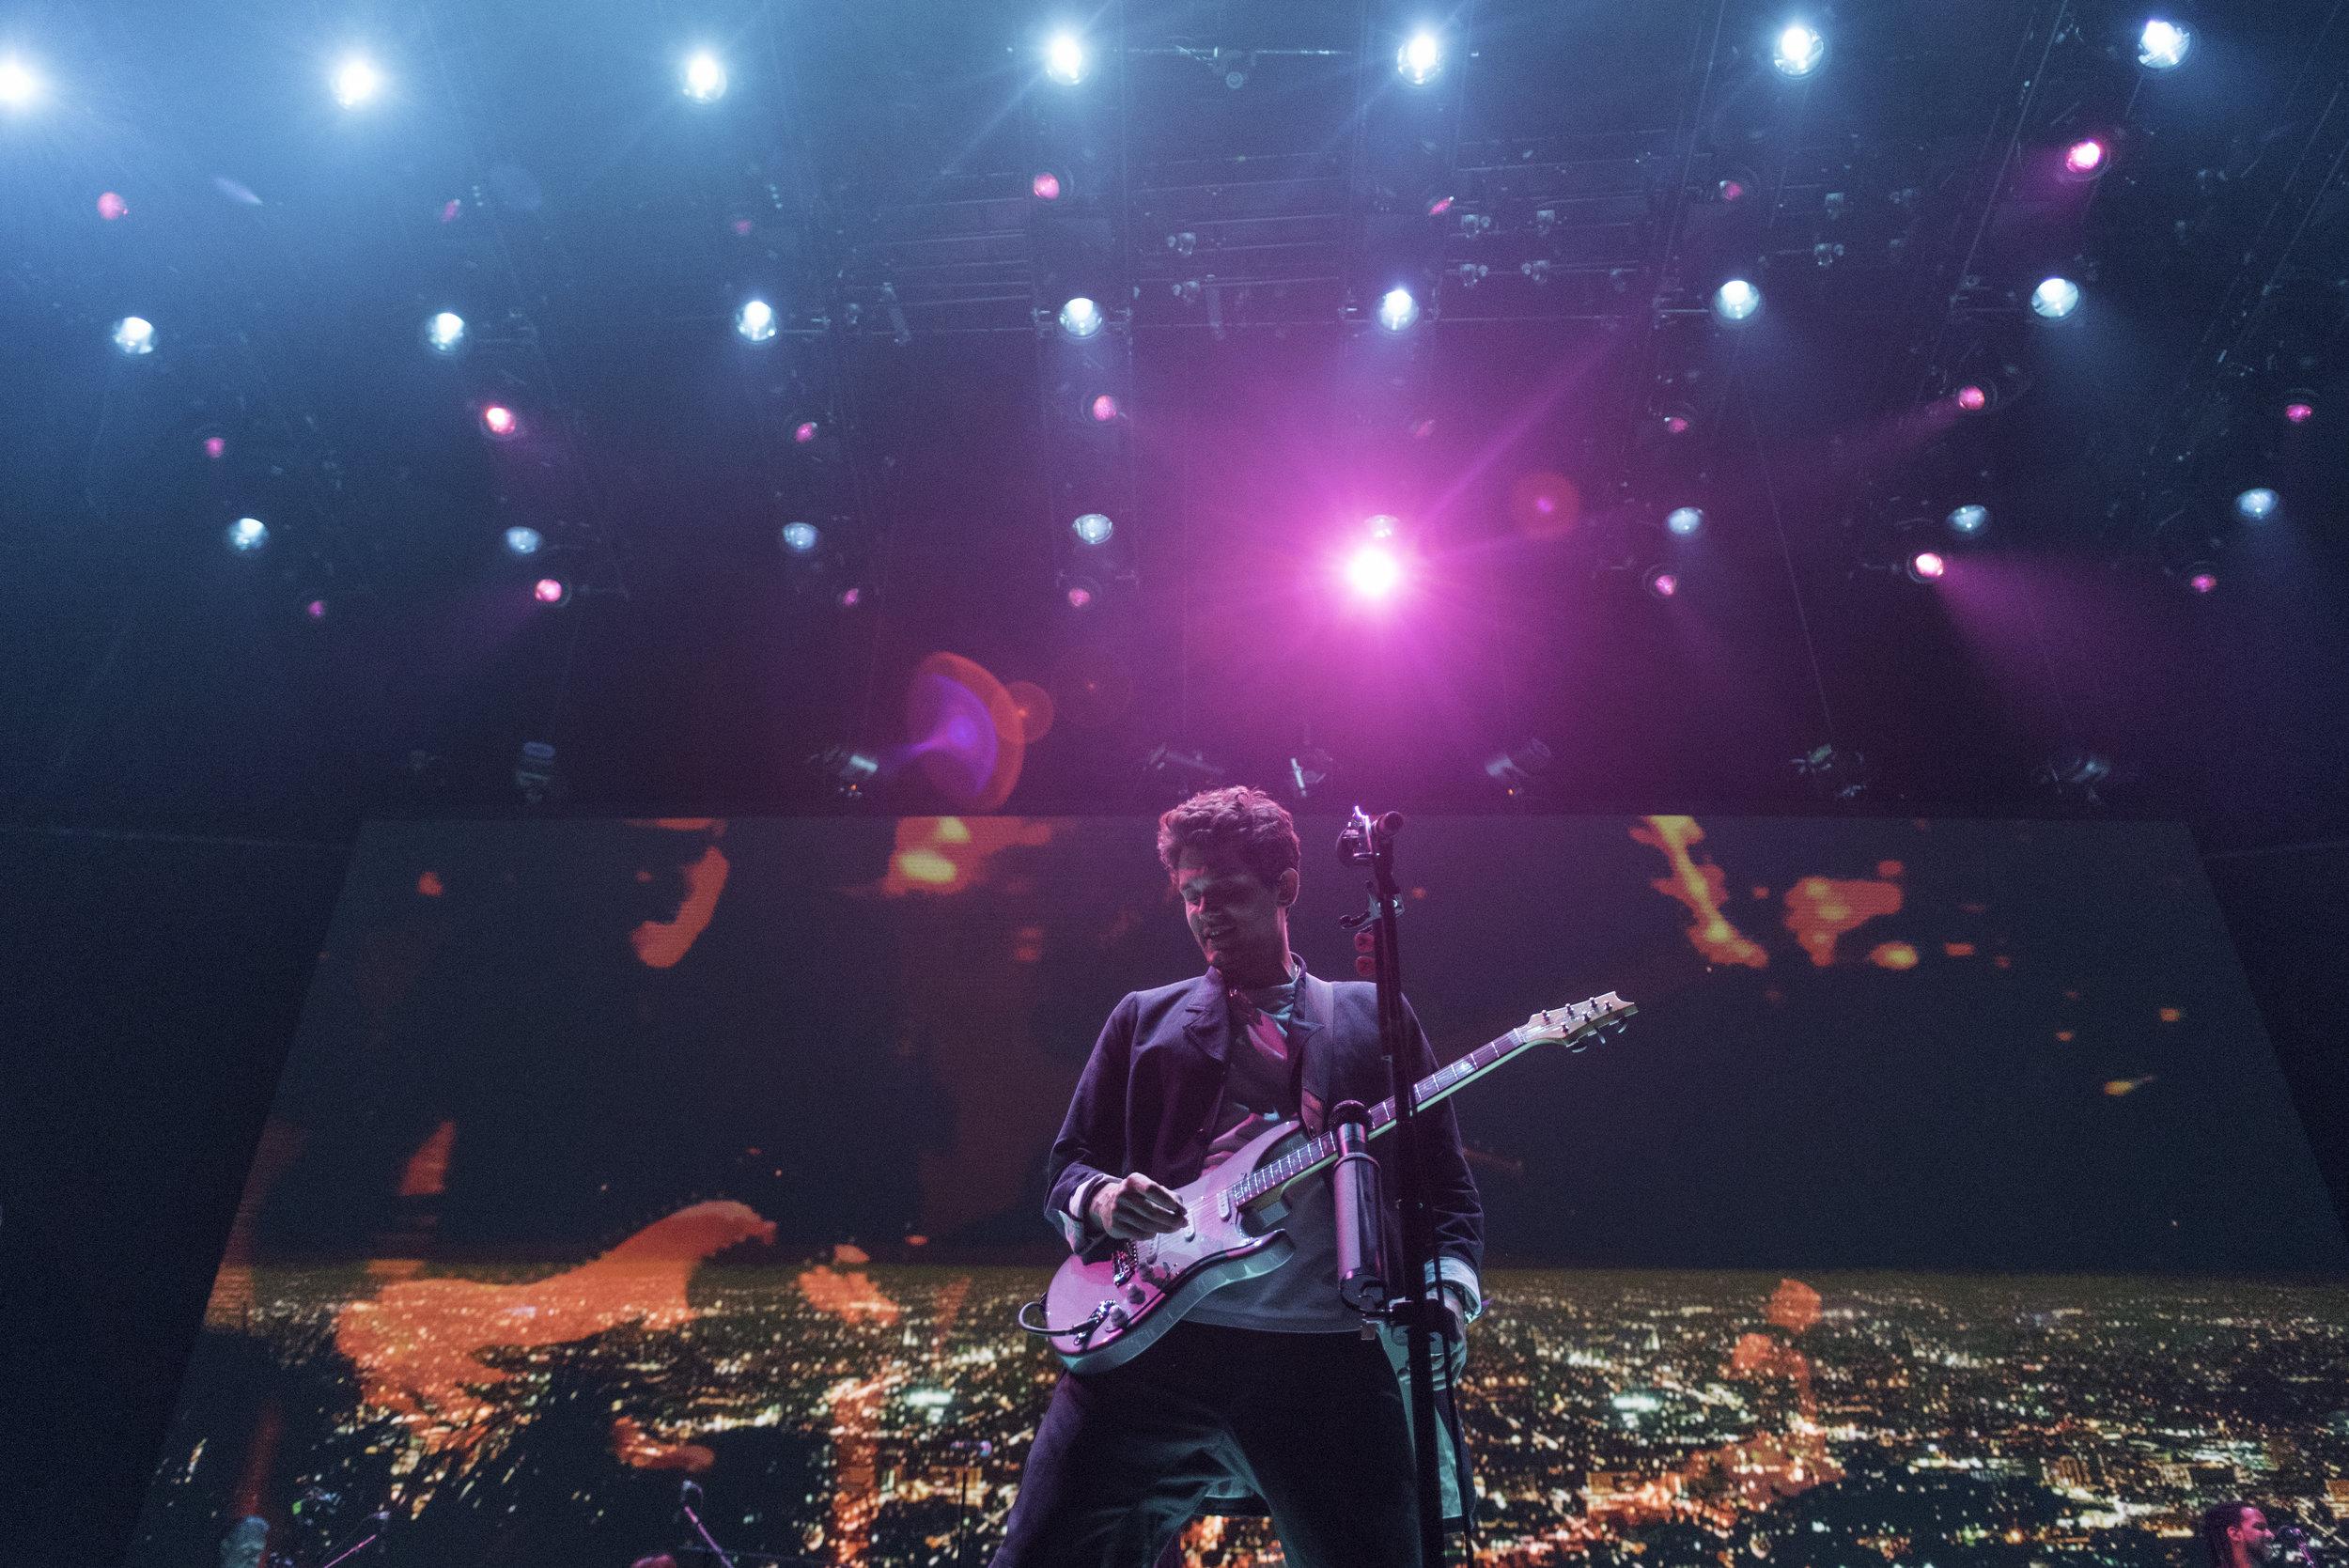 KT_John Mayer_Chronicle_006-2.jpg